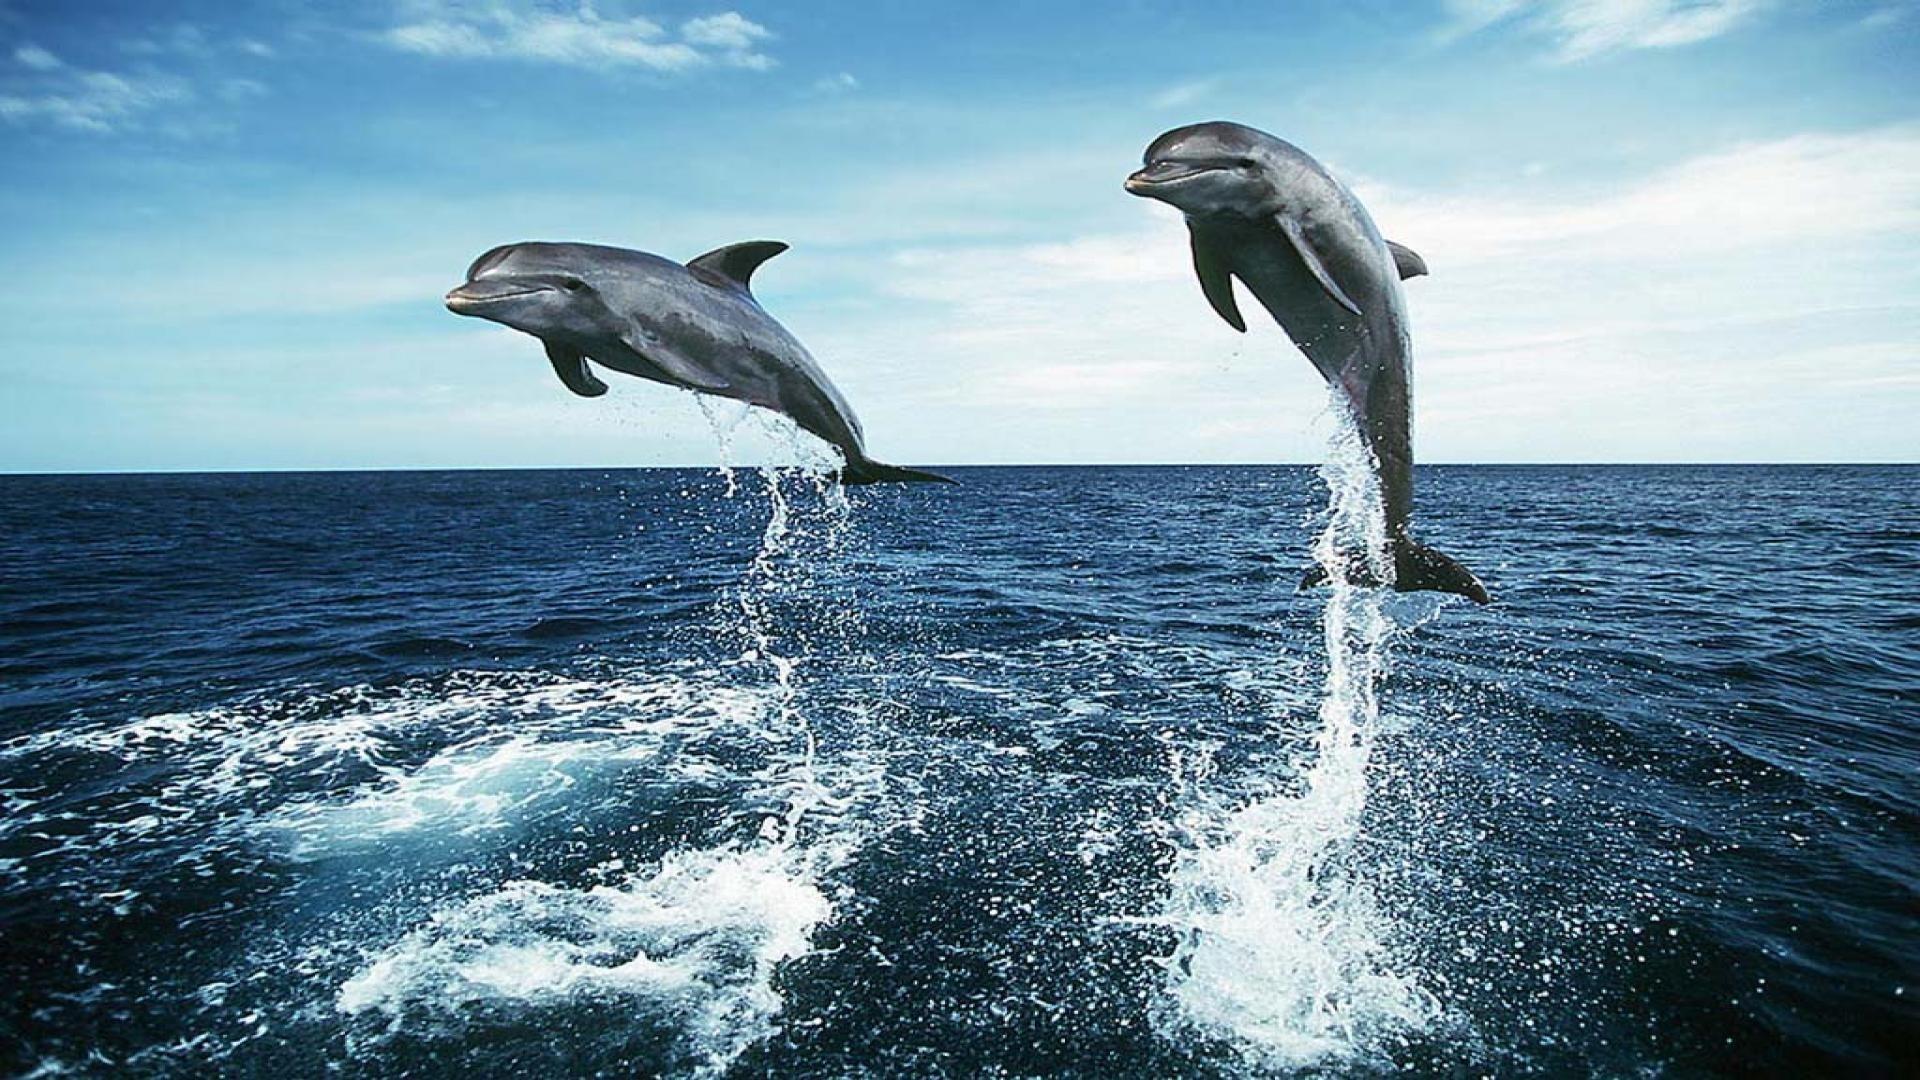 картинки дельфинов на весь экран омской школы после